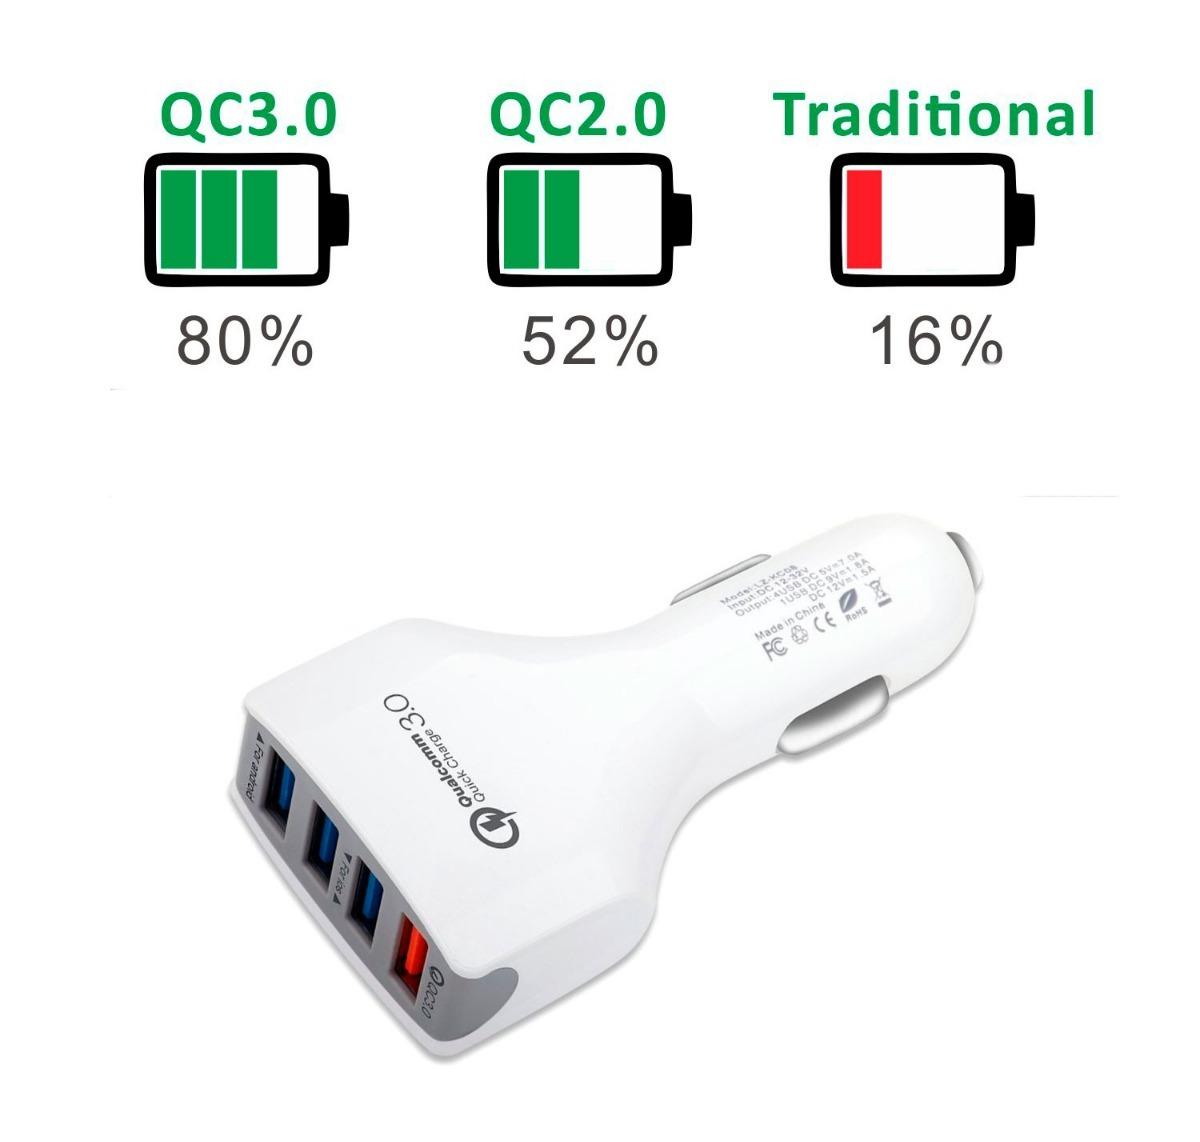 0c3d85ad165 cargador auto coche para apple iphone xr ios cable lightning. Cargando zoom...  cargador auto para ios cable. Cargando zoom.